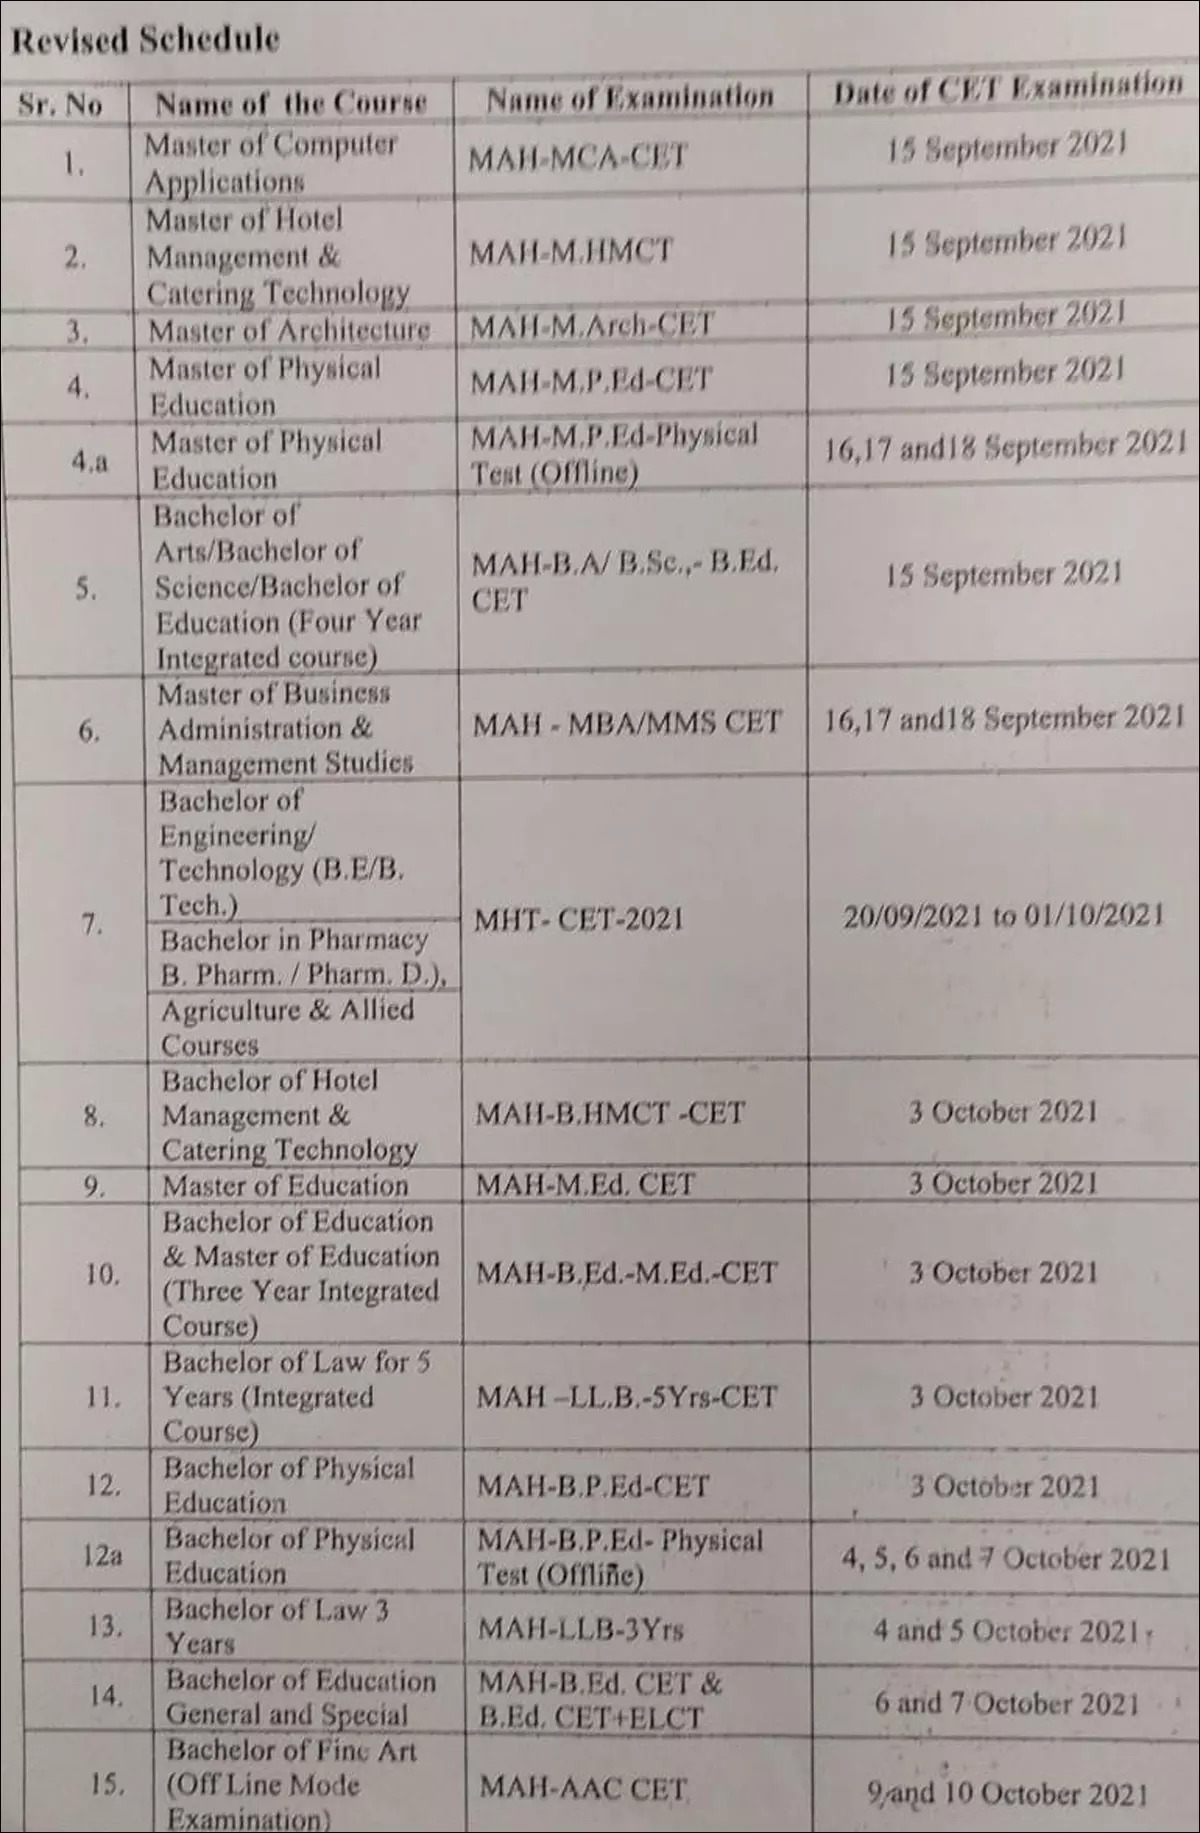 Maharashtra: Edu minister announces CET dates